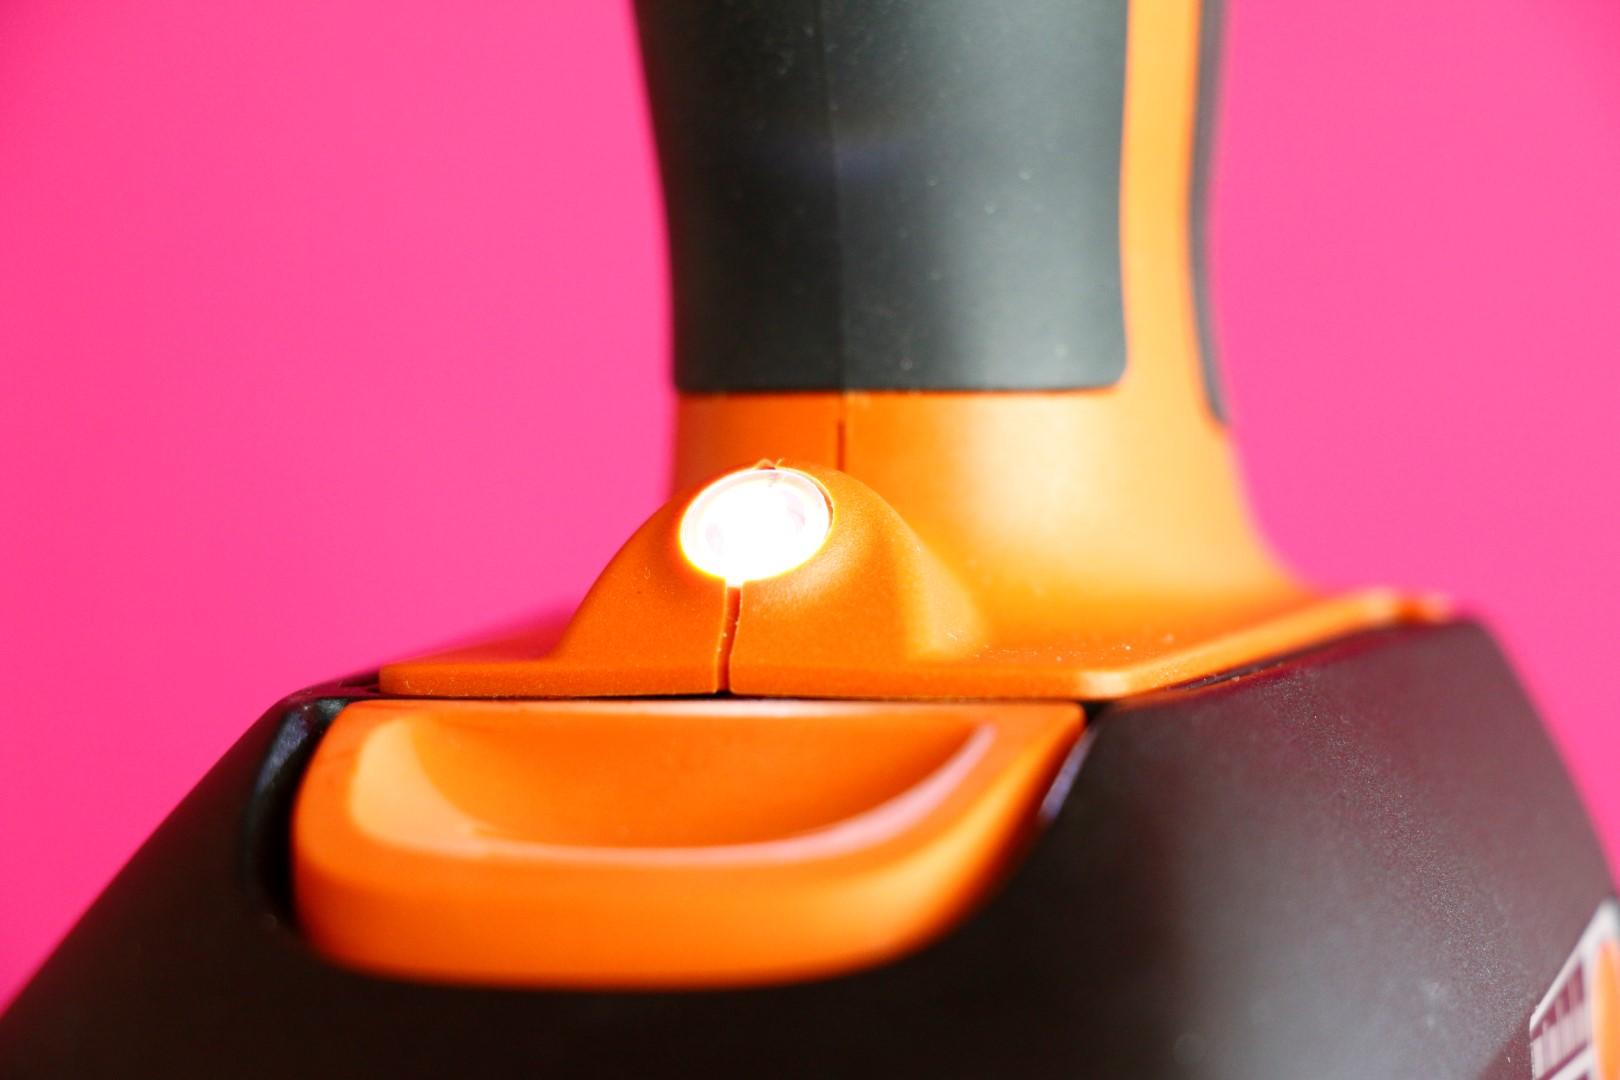 fein 4 gang akkuschrauber ascm 18 qx werkzeug akkuschrauber ascm 18qx fein. Black Bedroom Furniture Sets. Home Design Ideas